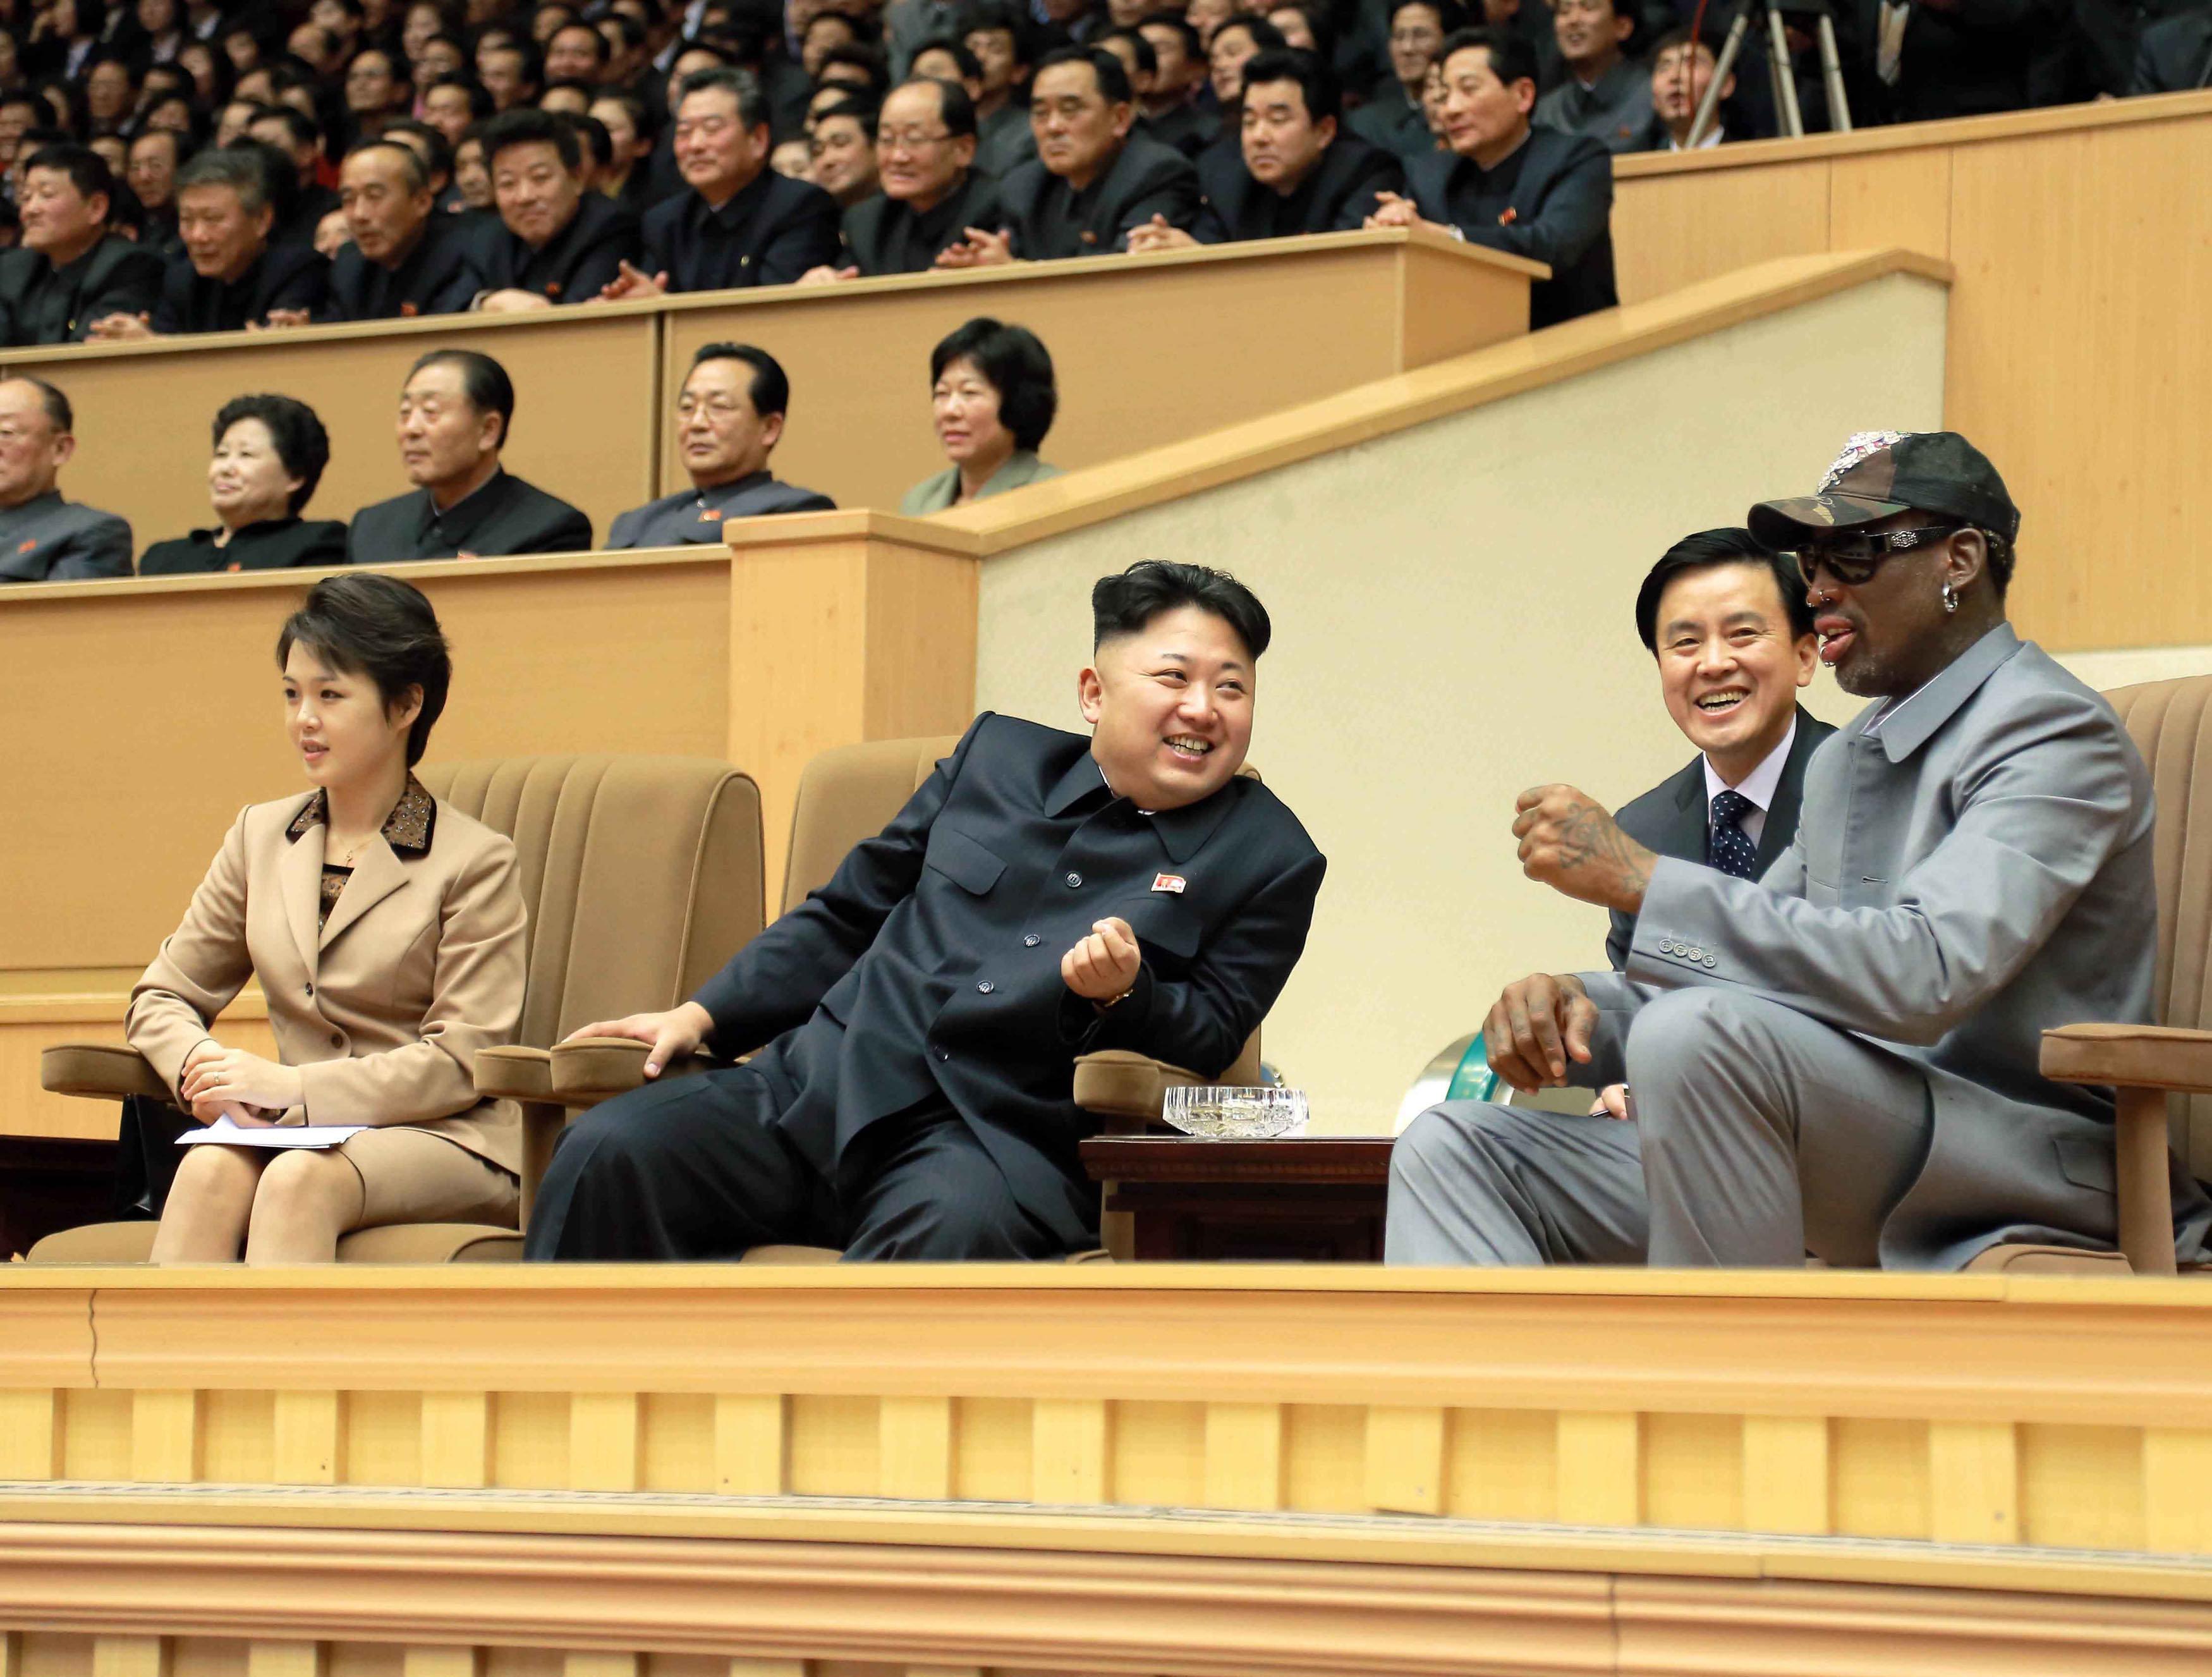 김정은 '평생 친구' 데니스 로드먼도 싱가포르 간다는 보도가 나왔다